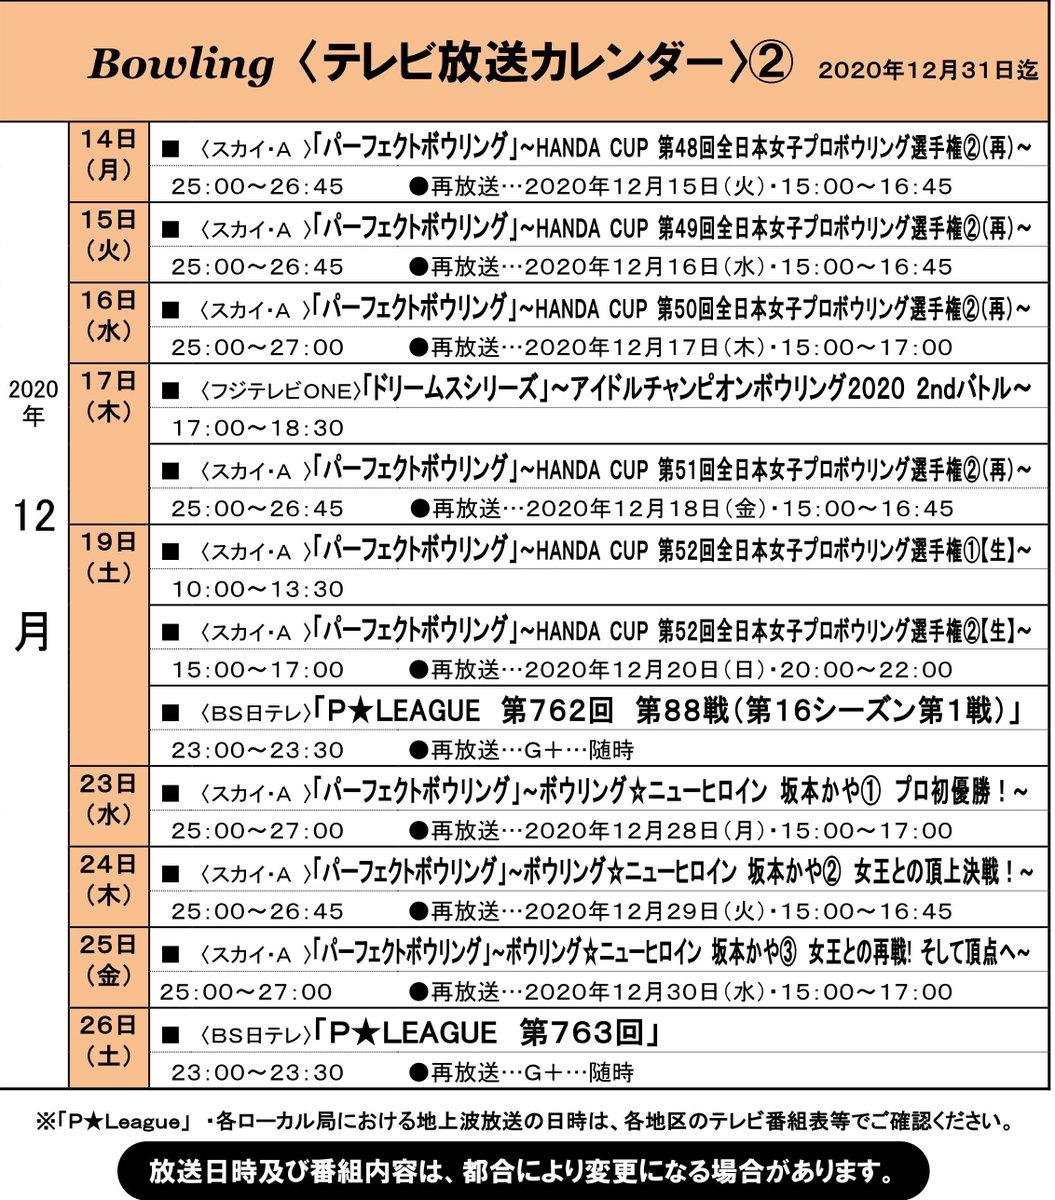 ボウリング 協会 日本 場